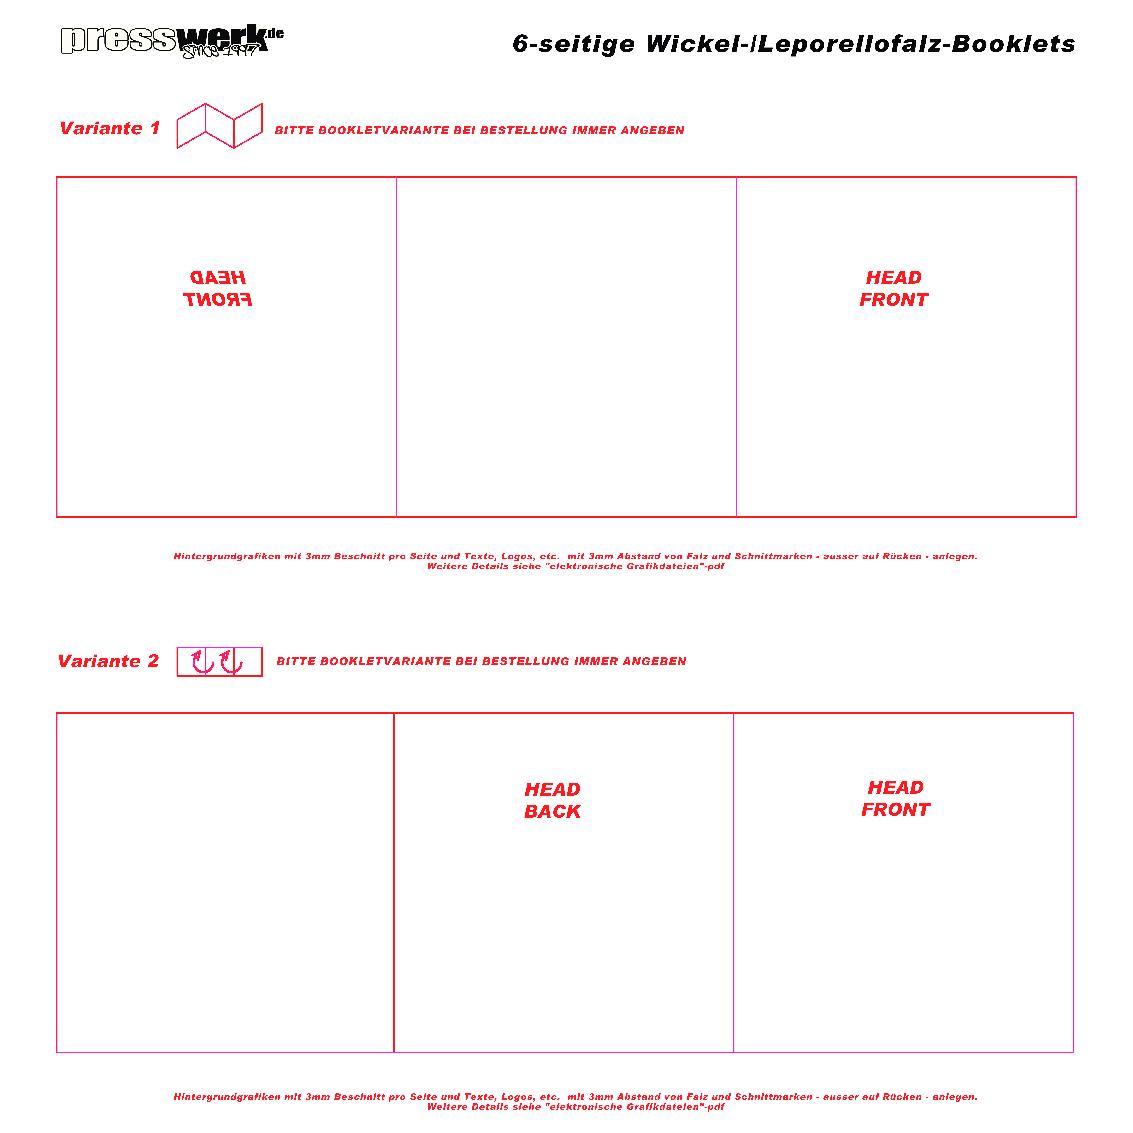 presswerk_de-CD_JB-WickelfalzBooklet_6s_template_300dpi_CMYK.pdf